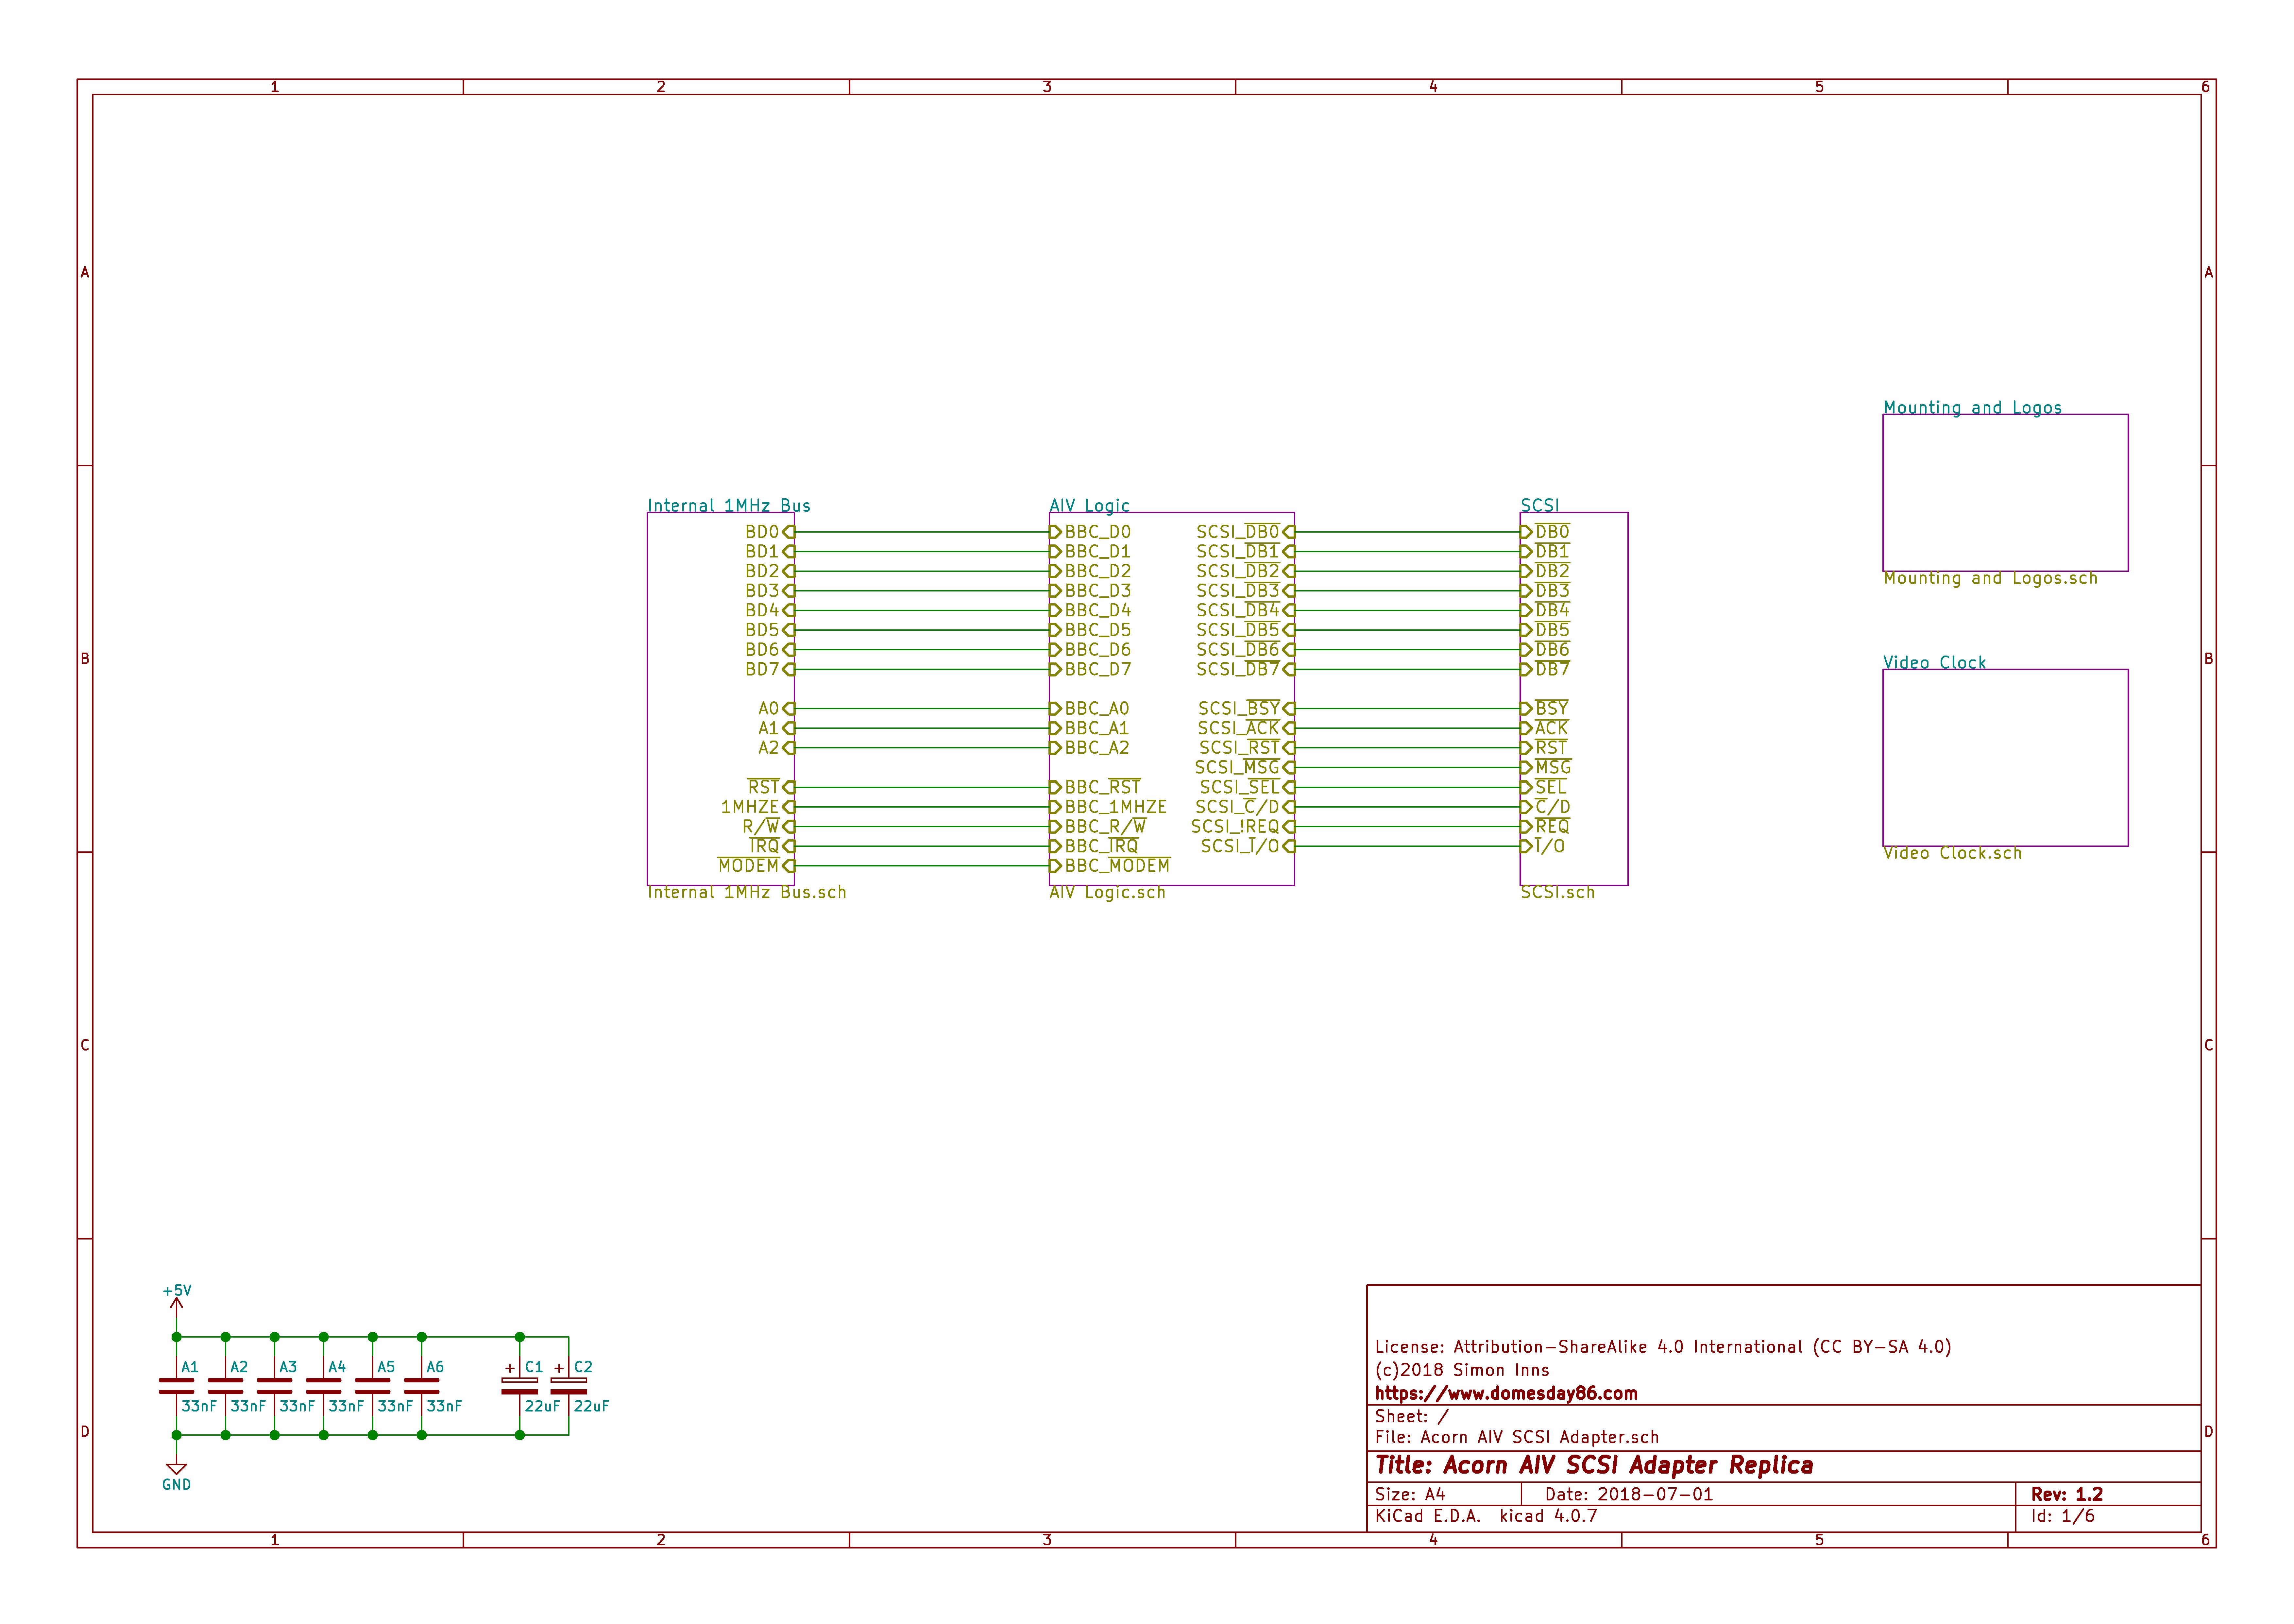 scsi wiring diagram acorn aiv scsi host adapter replacement     domesday86 com  acorn aiv scsi host adapter replacement